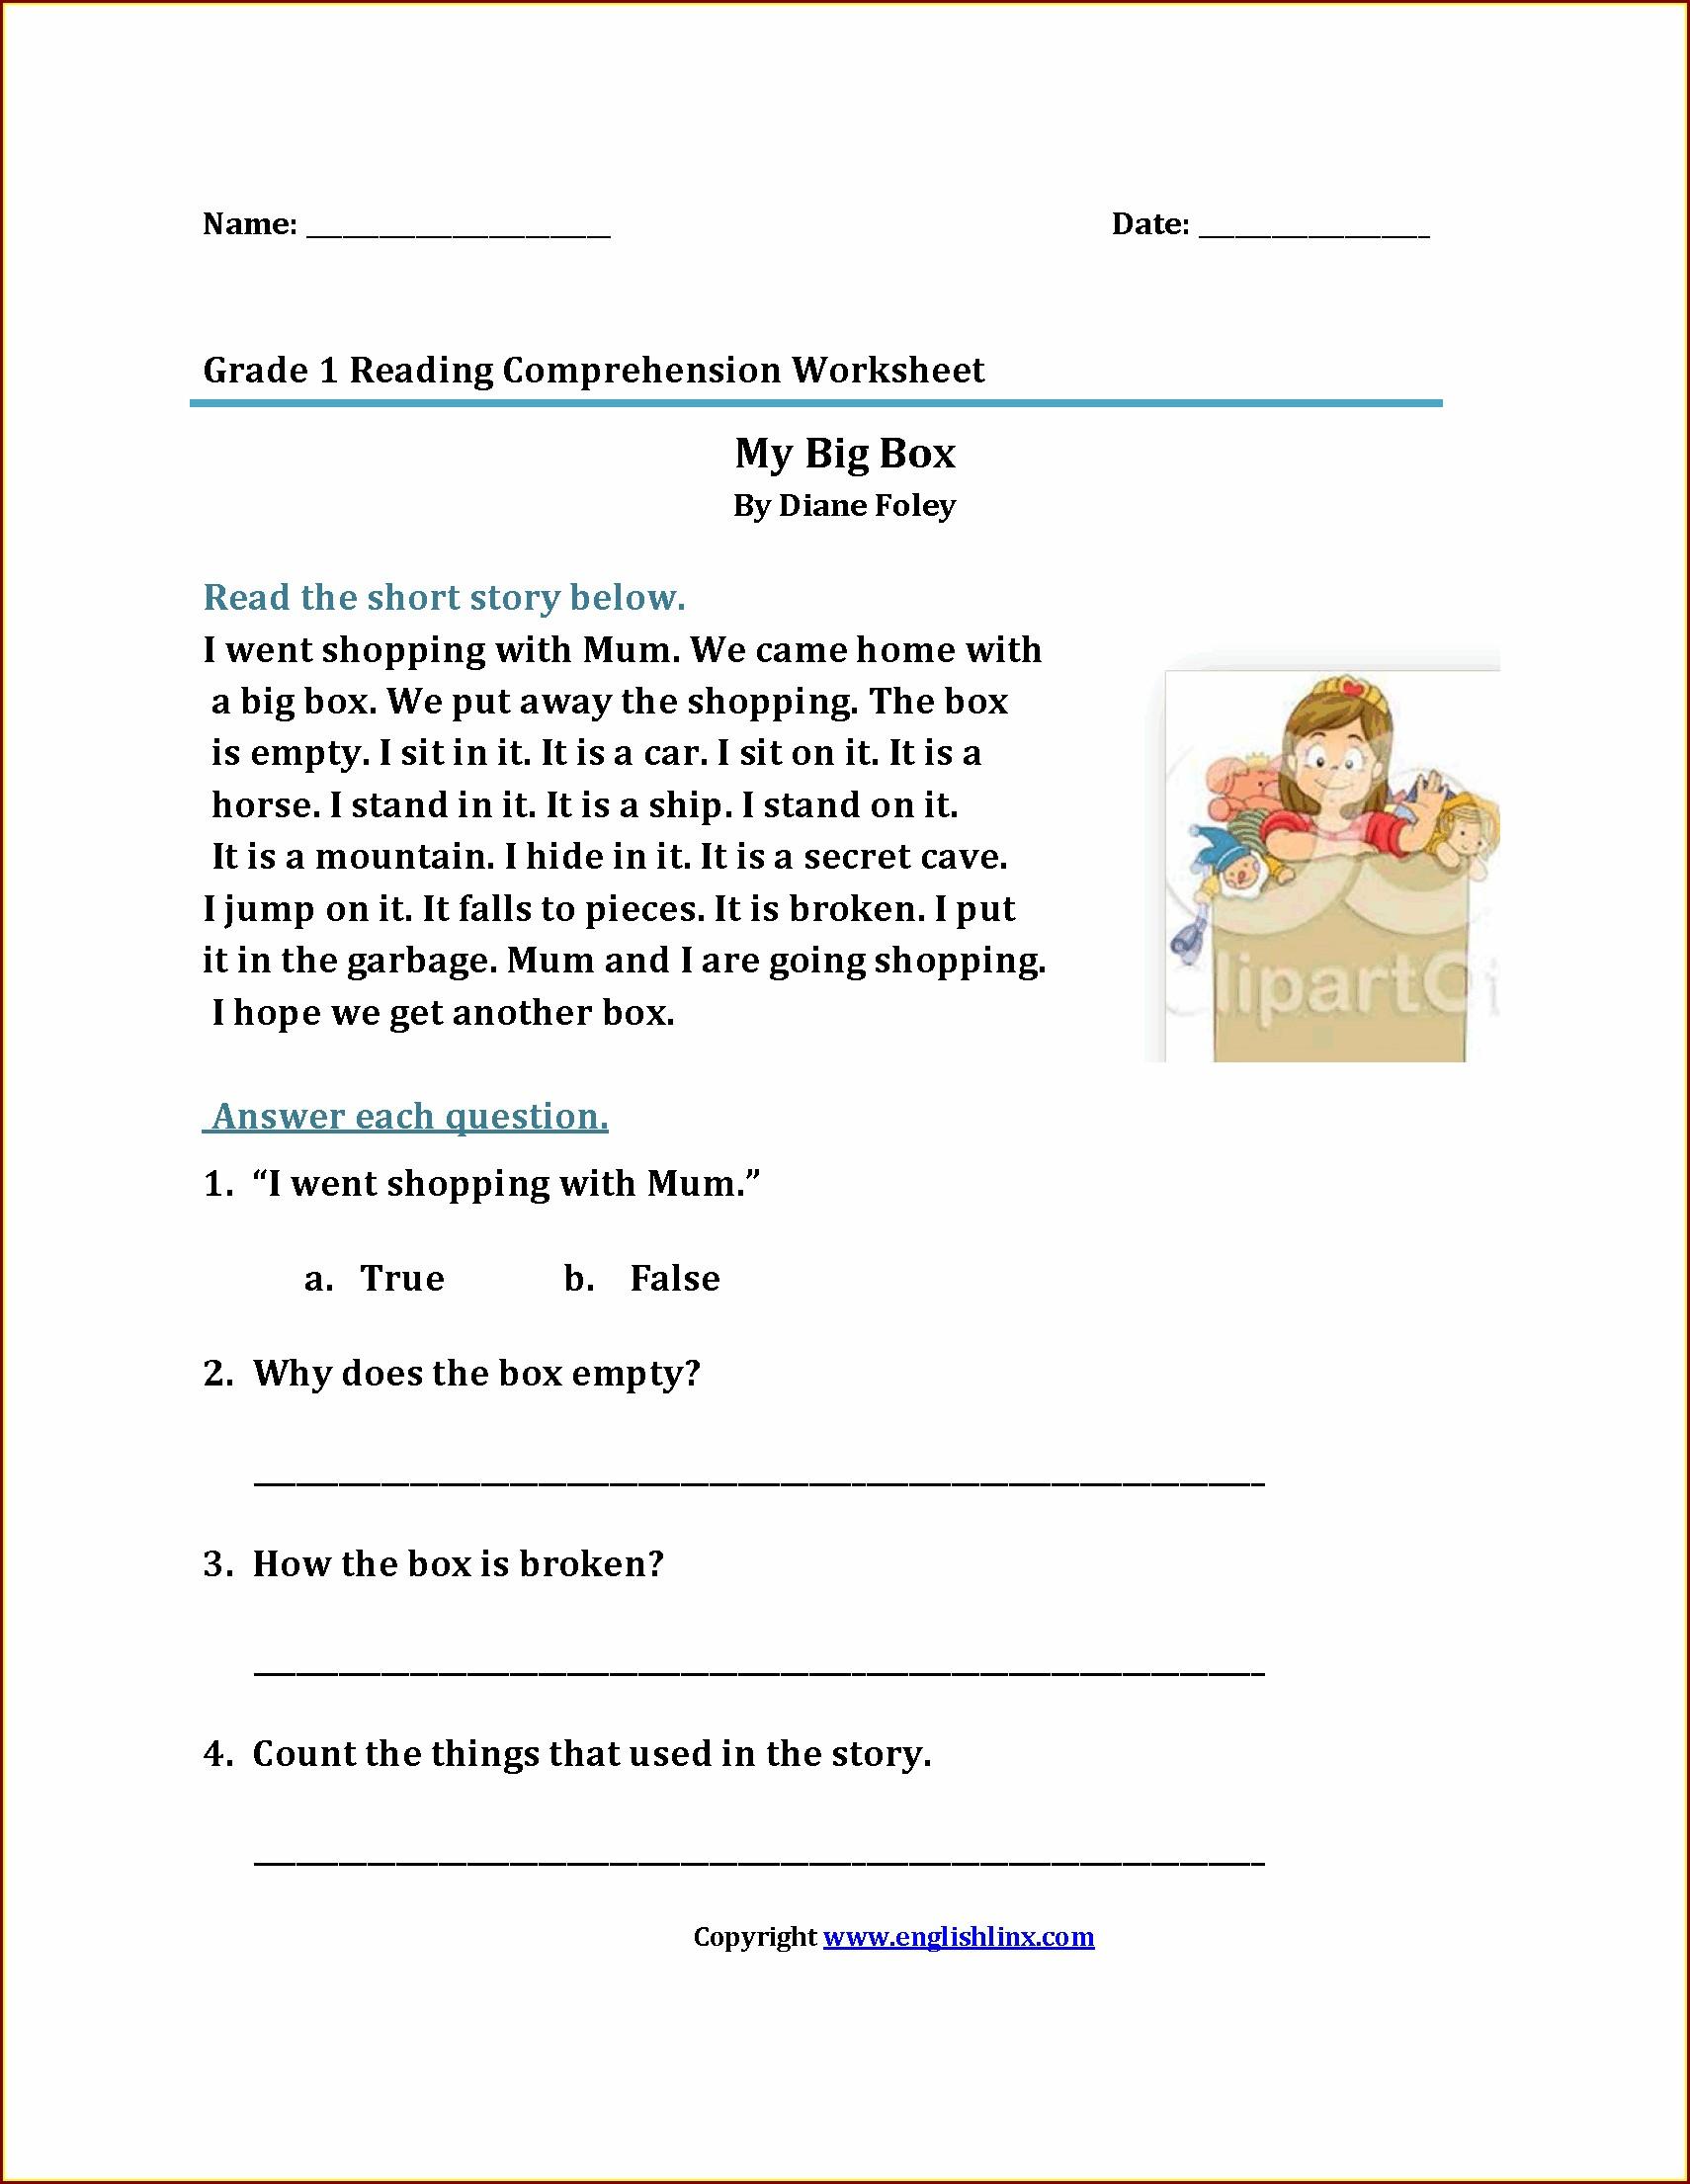 Comprehension Worksheet Grade 1